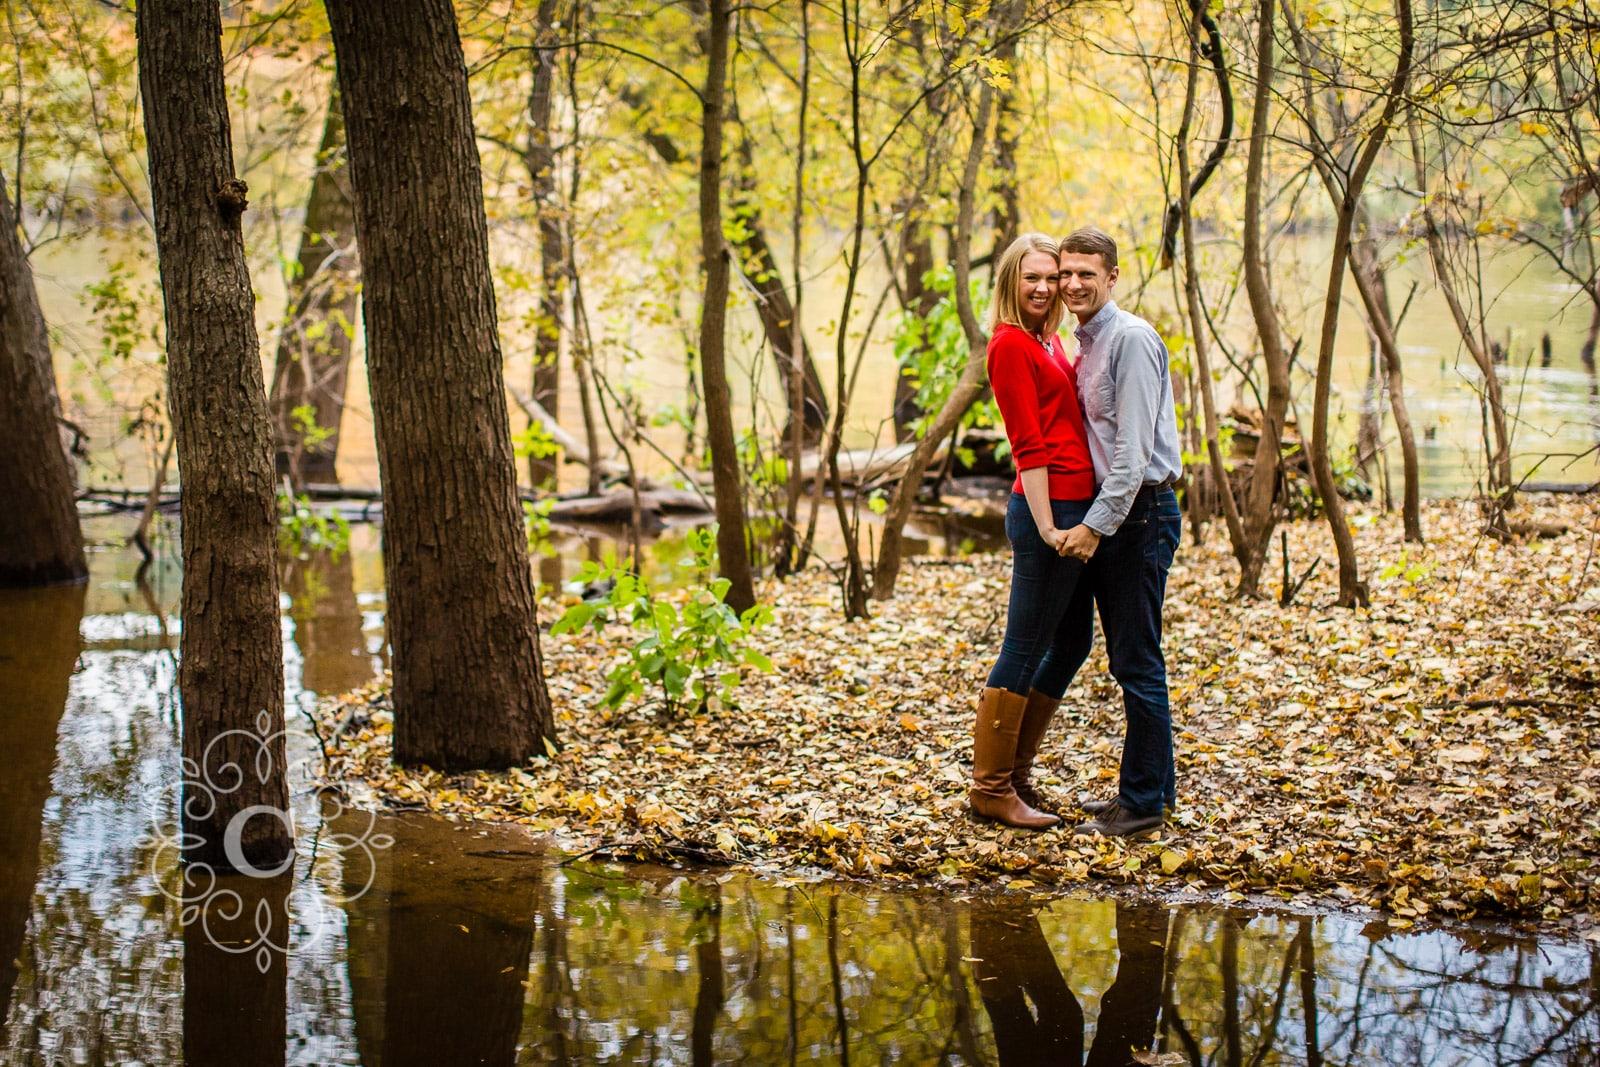 St Croix Stillwater MN Engagement Photo